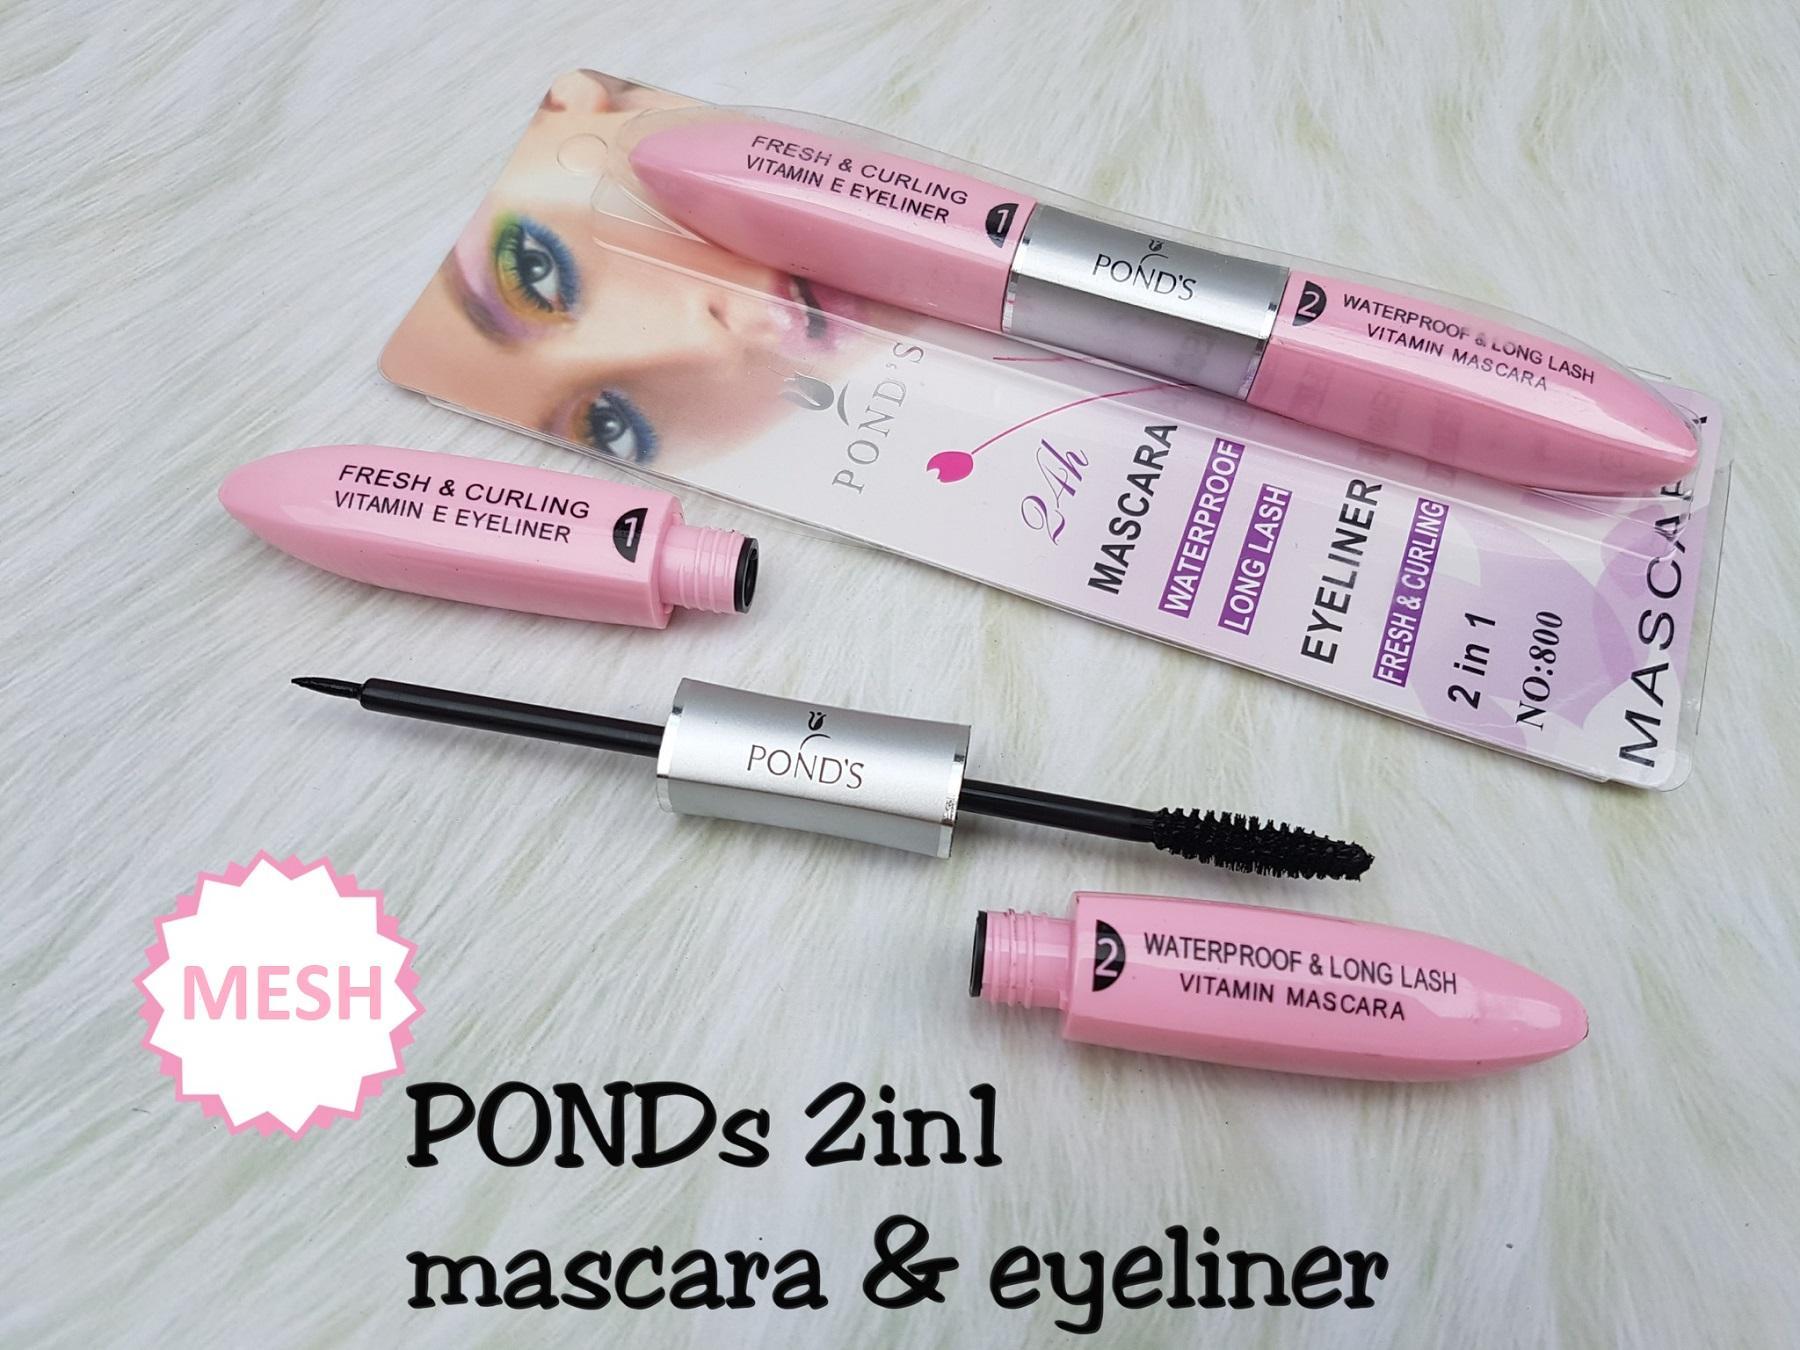 Mesh POND'S/NKD Mascara Eyeliner 2 in 1 - Mascara Eyeliner Waterproof 2in1 - 1